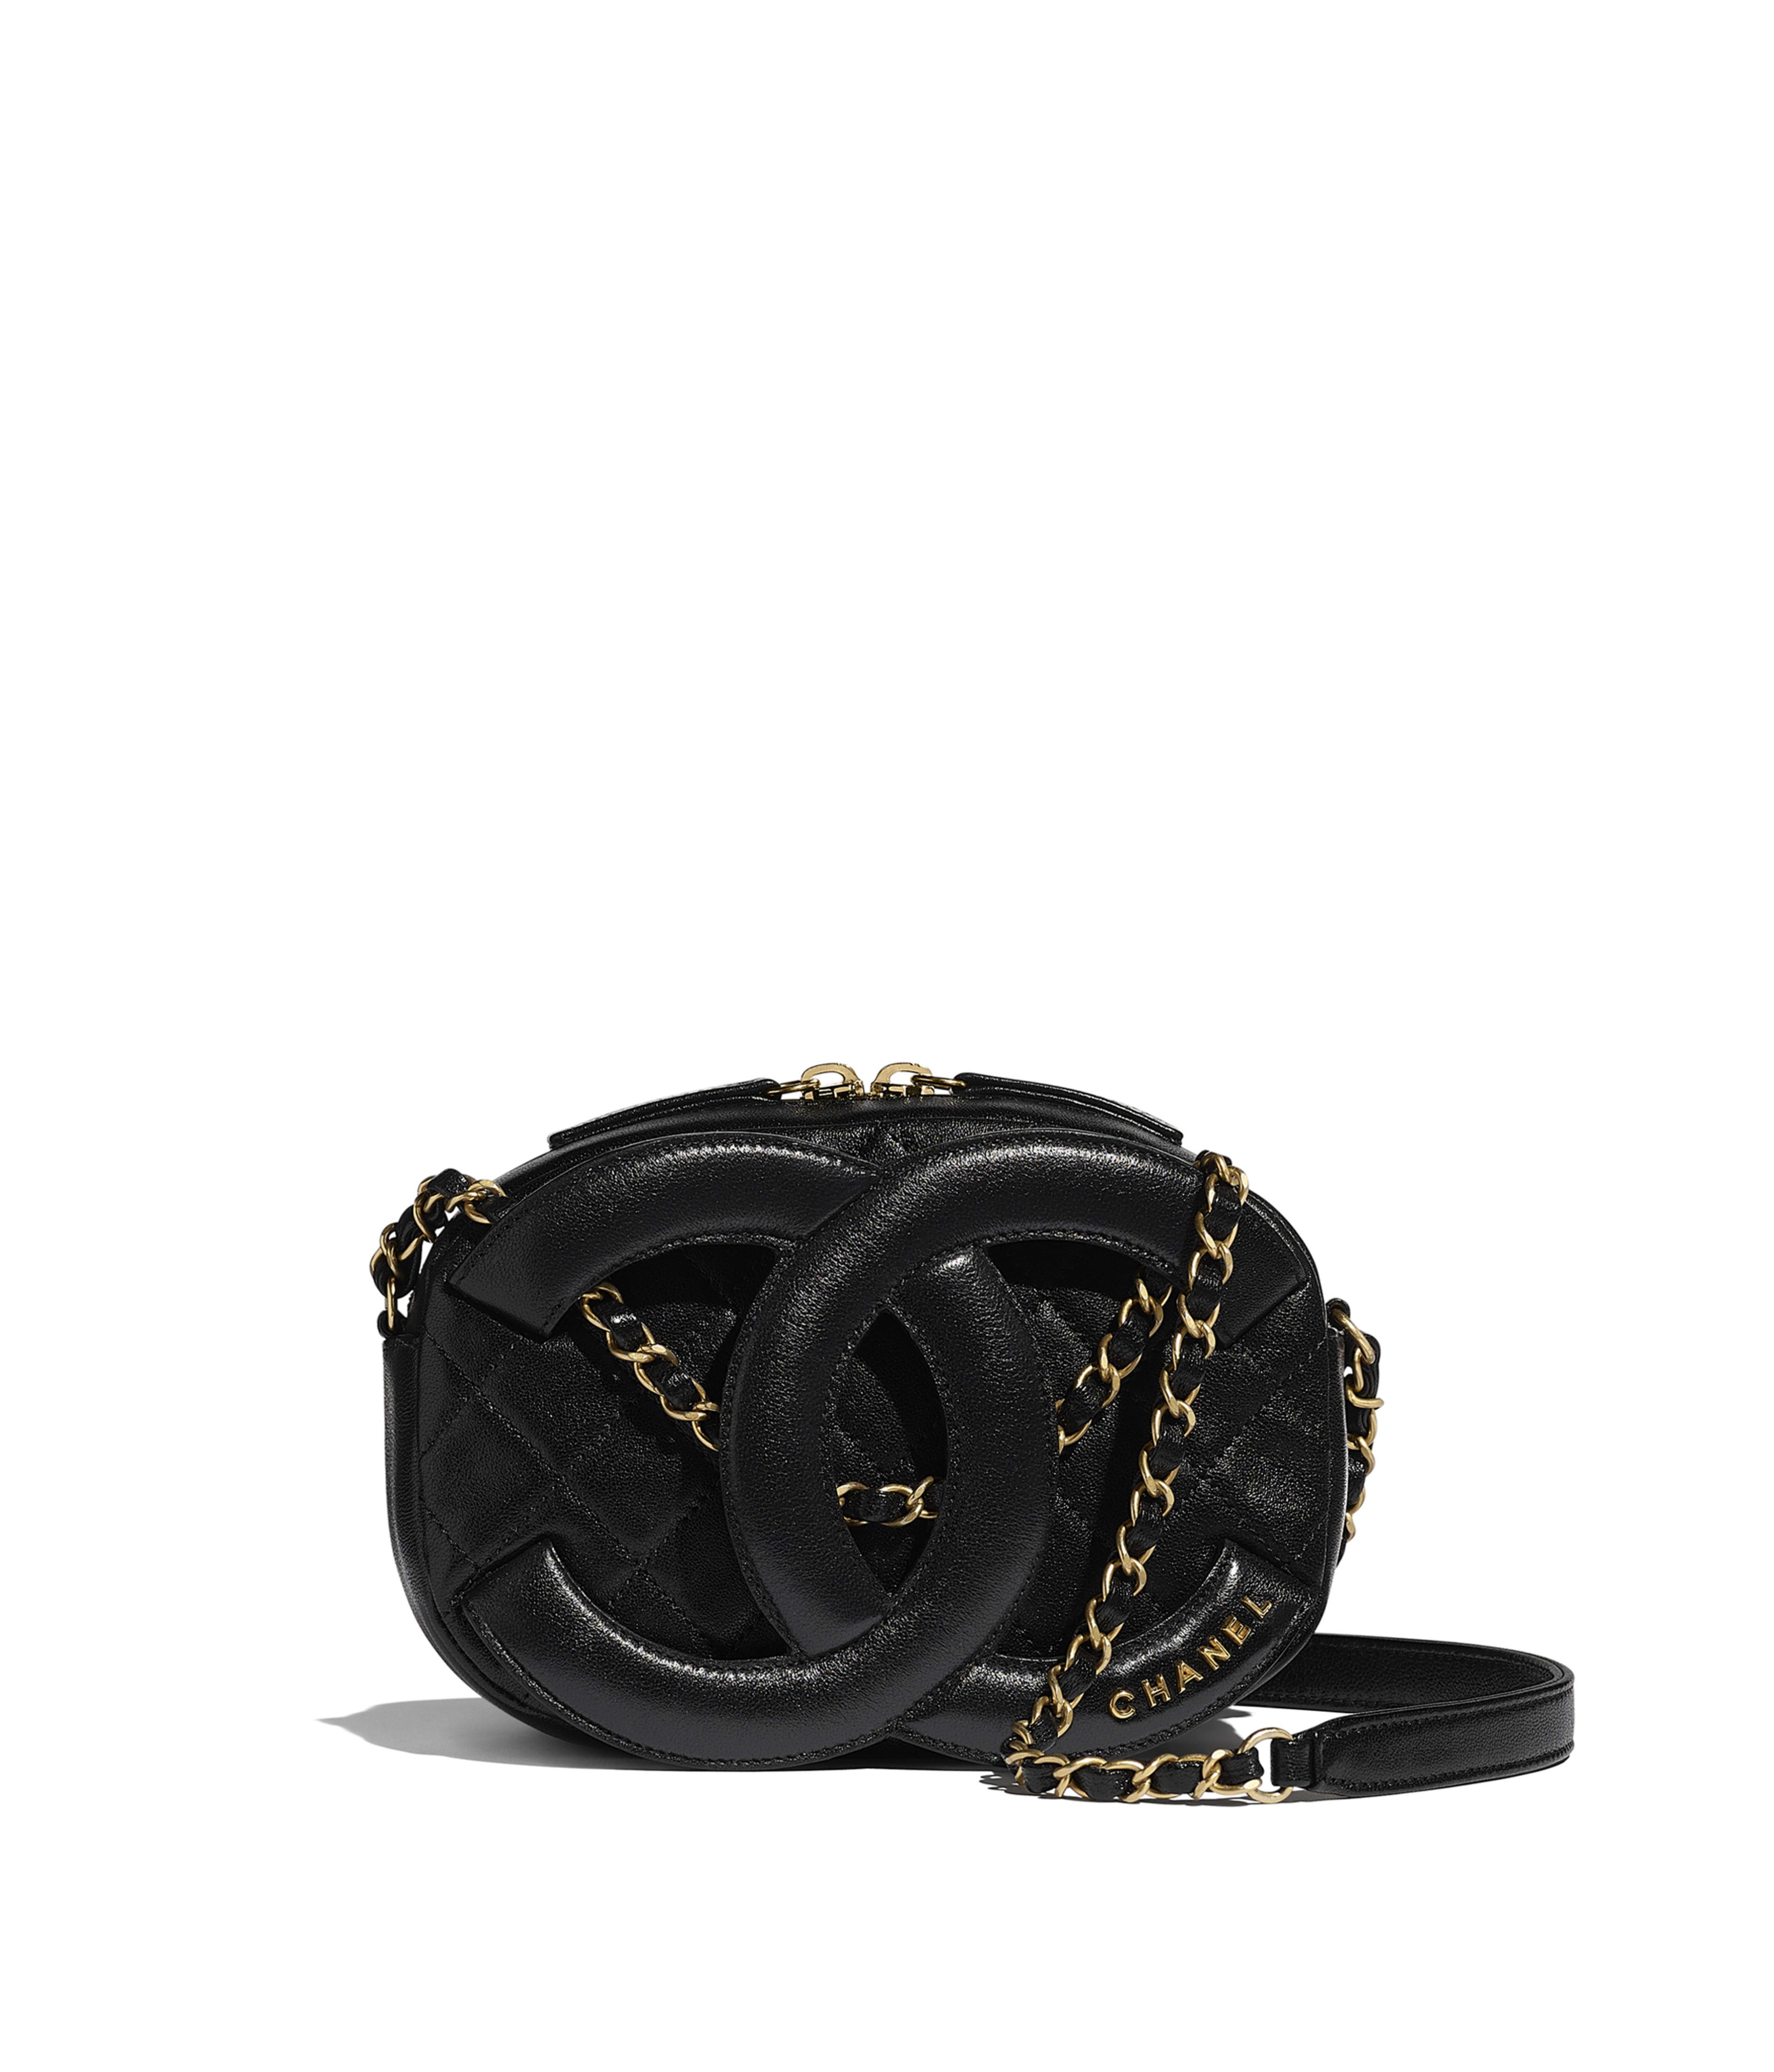 Camera Cases Handbags Chanel